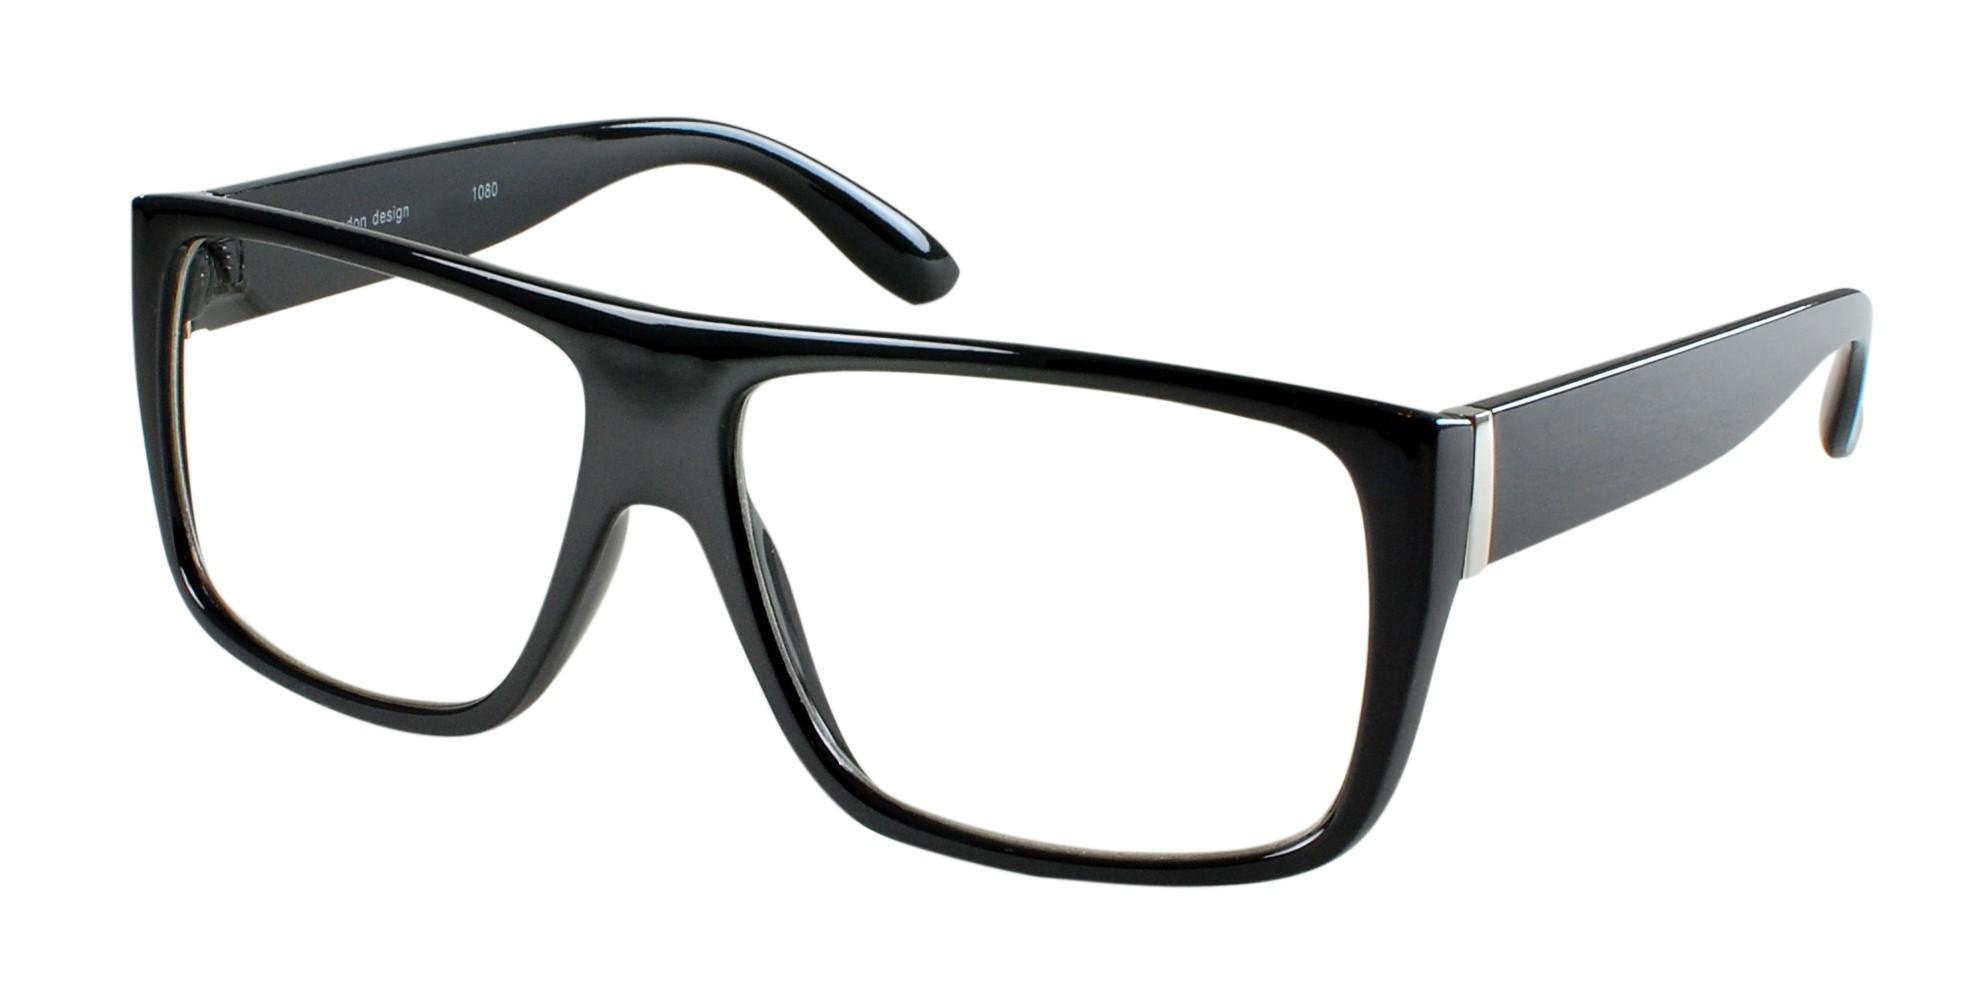 Black Frame Glasses Geek : Cartoon Nerd Glasses - ClipArt Best